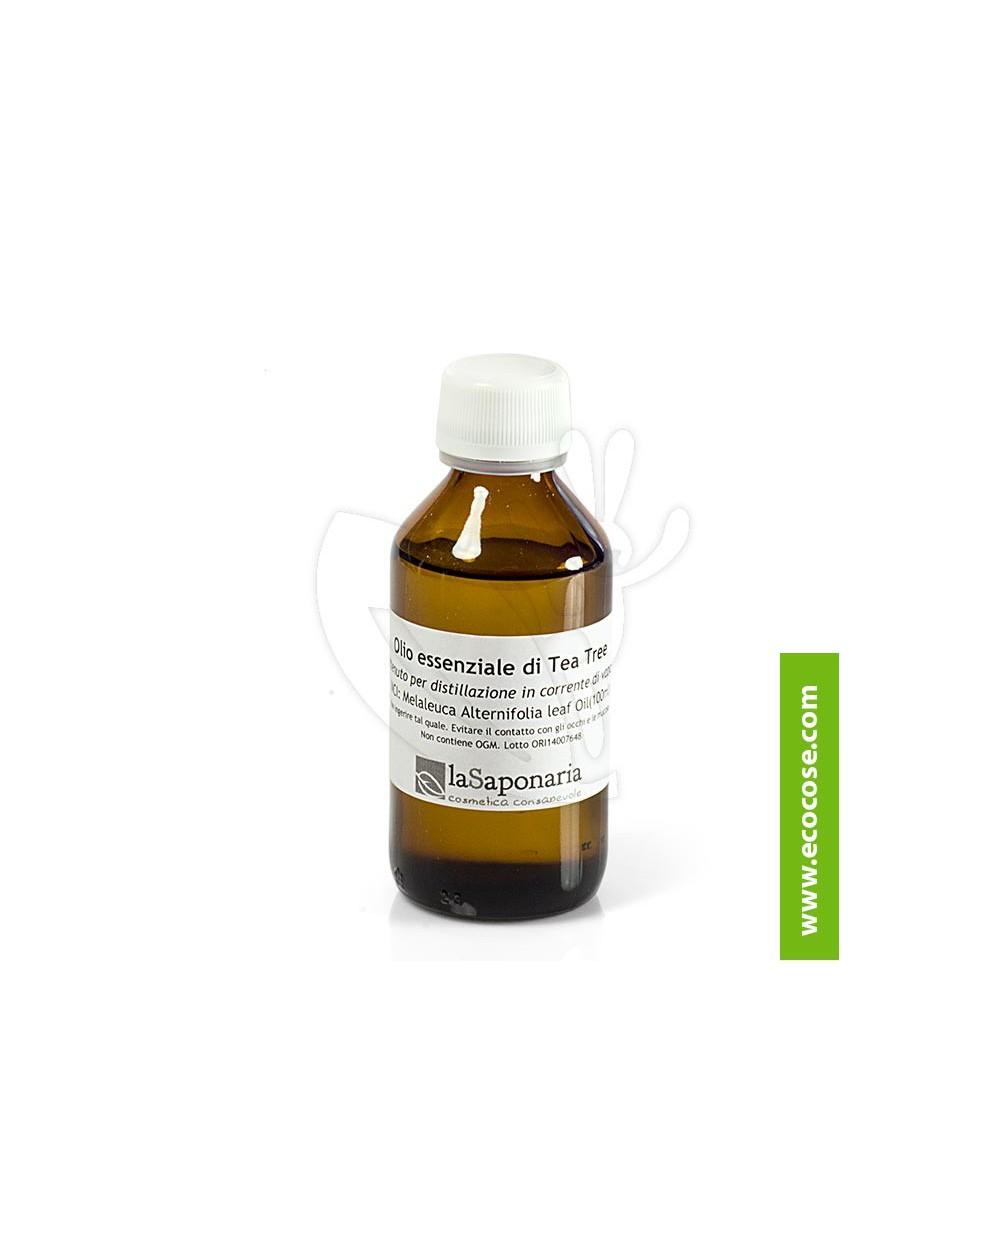 La Saponaria - Olio essenziale di Tea Tree 100 ml